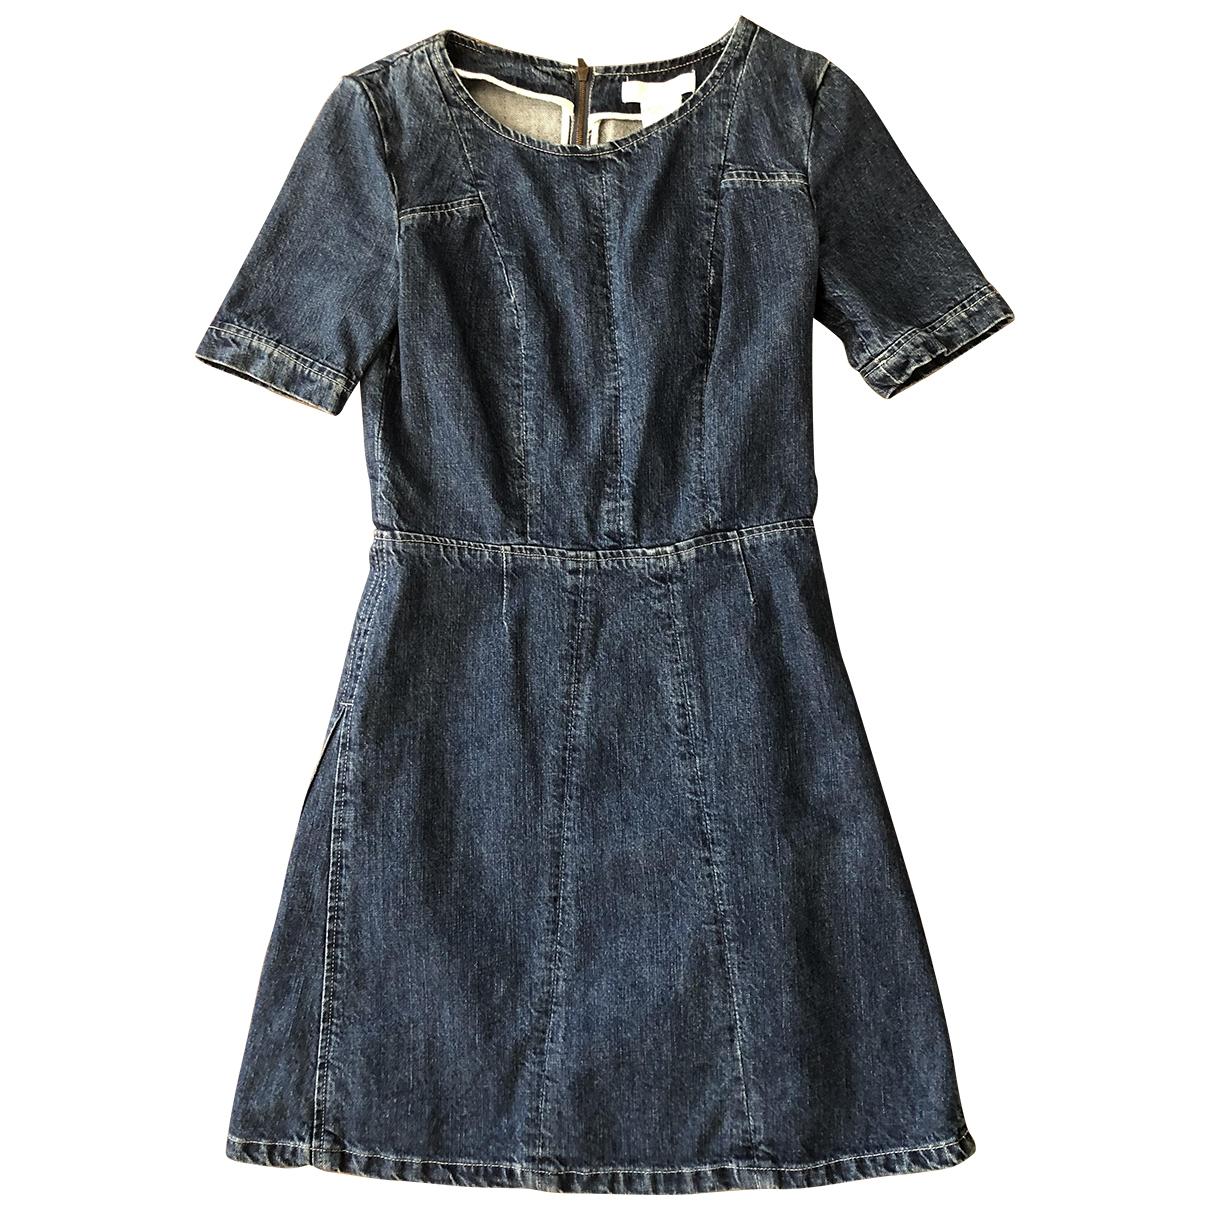 Chloé \N Blue Denim - Jeans dress for Women 36 FR